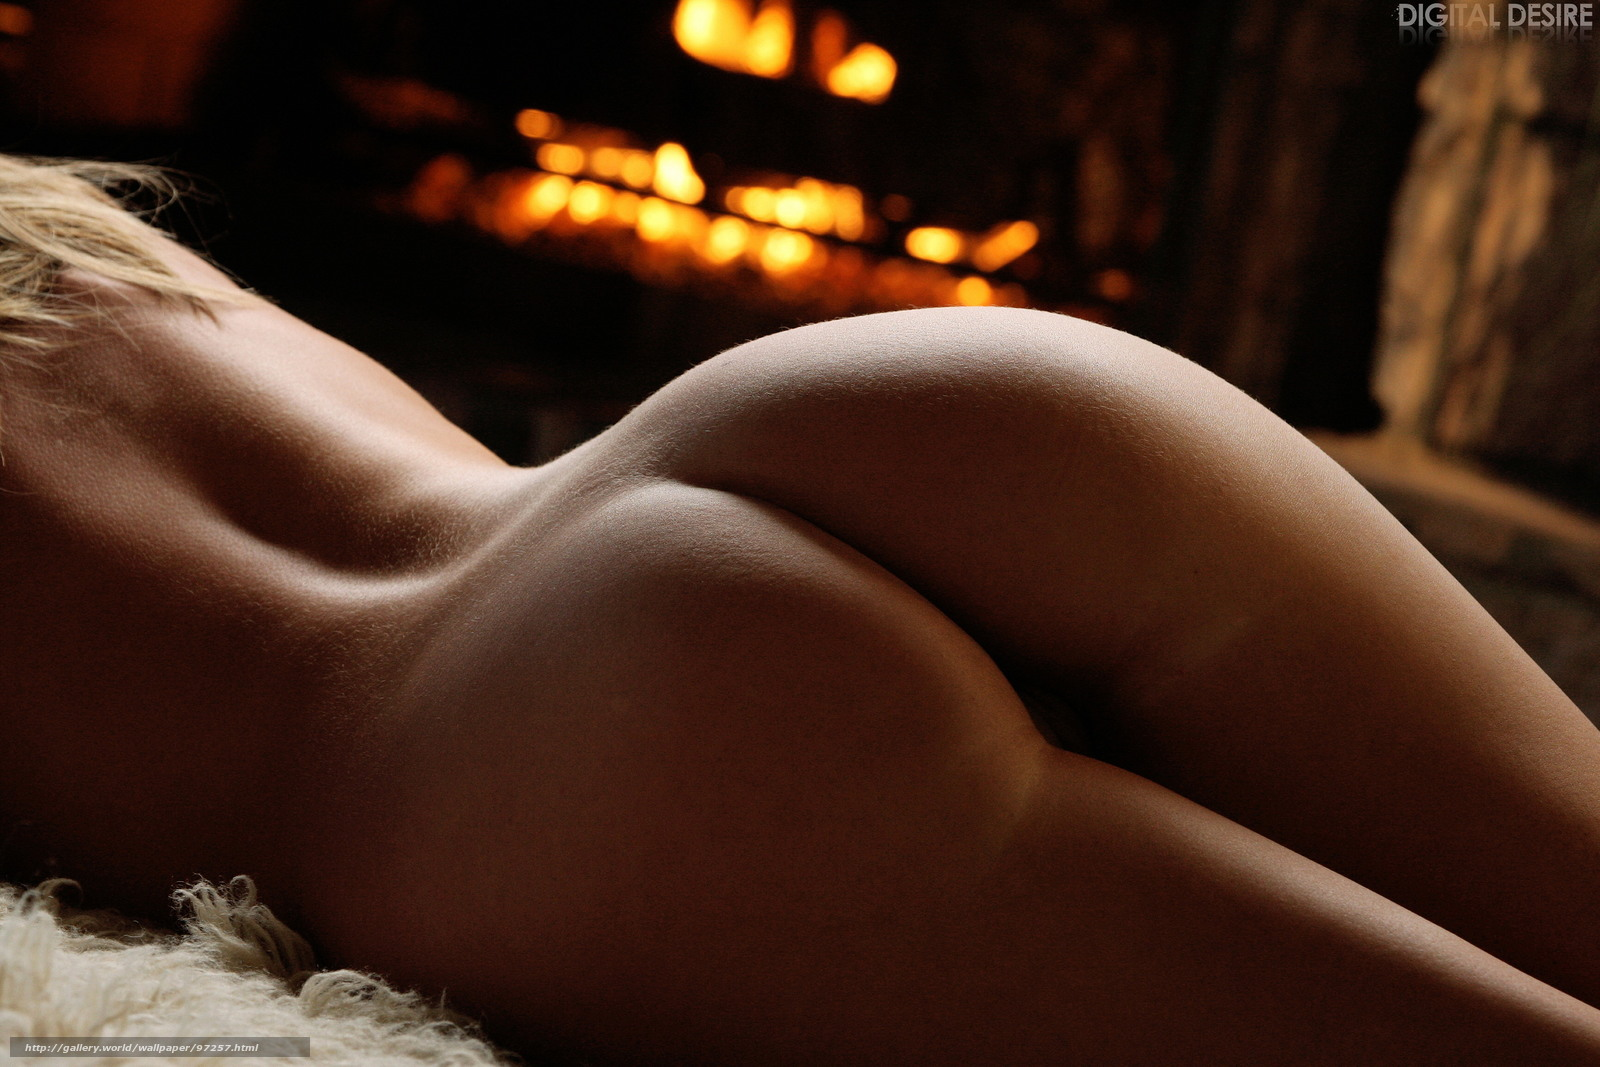 Смотреть фото онлайн бесплатно самых сексуальных женских попок 4 фотография